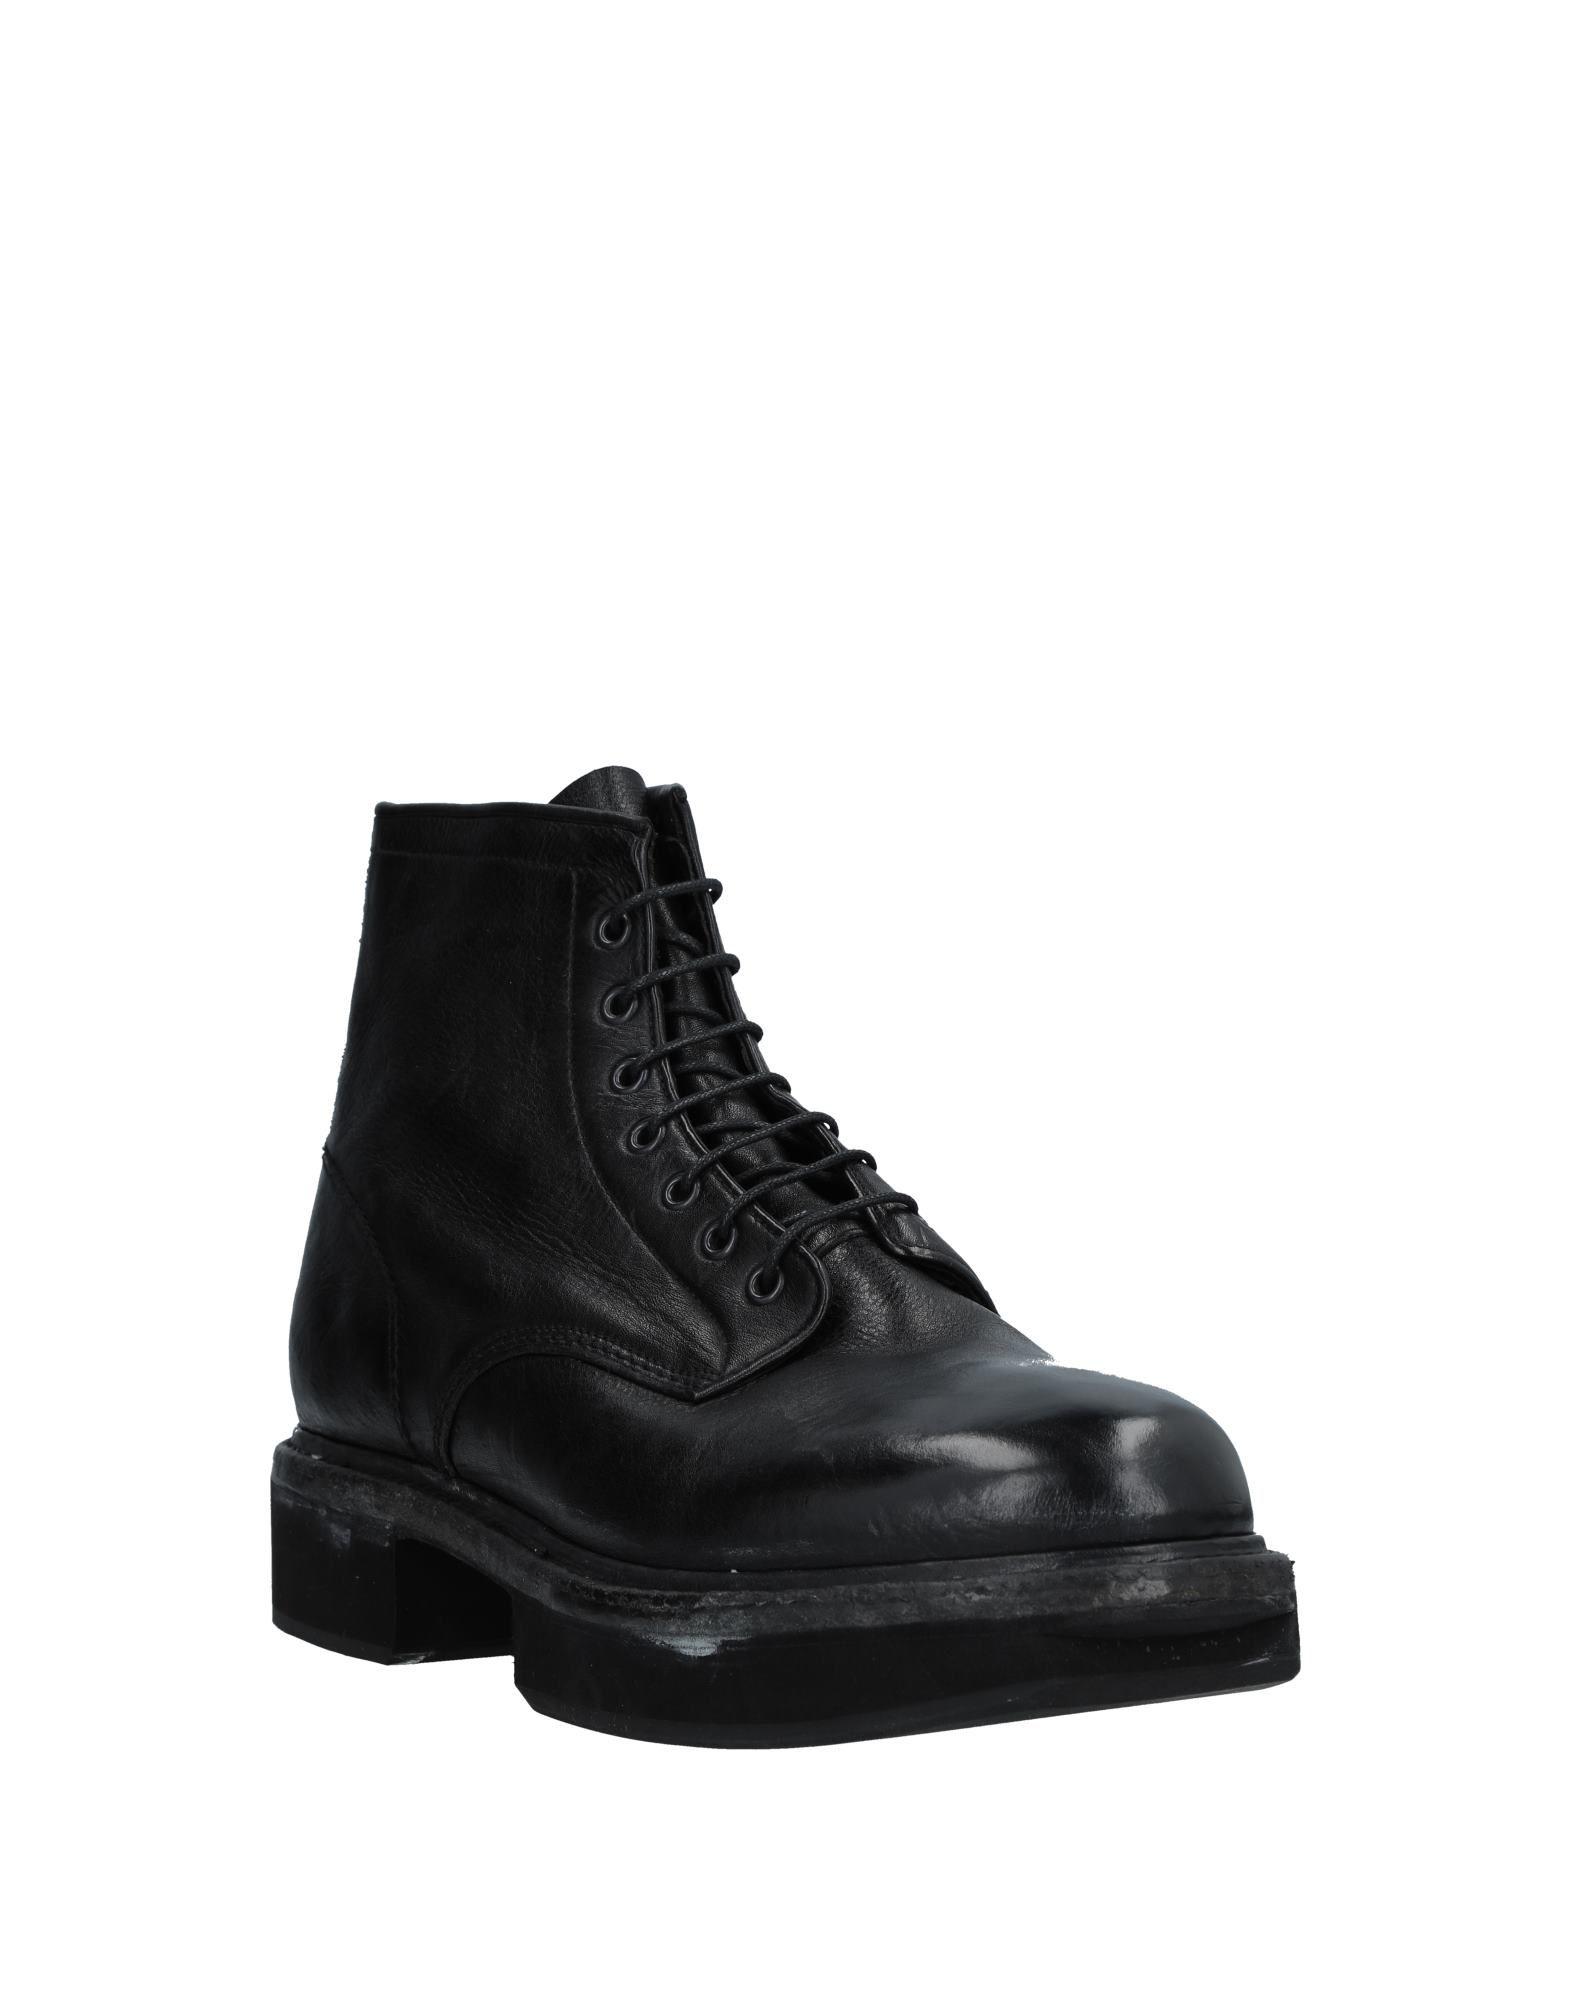 Premiata Stiefelette Herren Qualität  11530867XP Gute Qualität Herren beliebte Schuhe dcc377